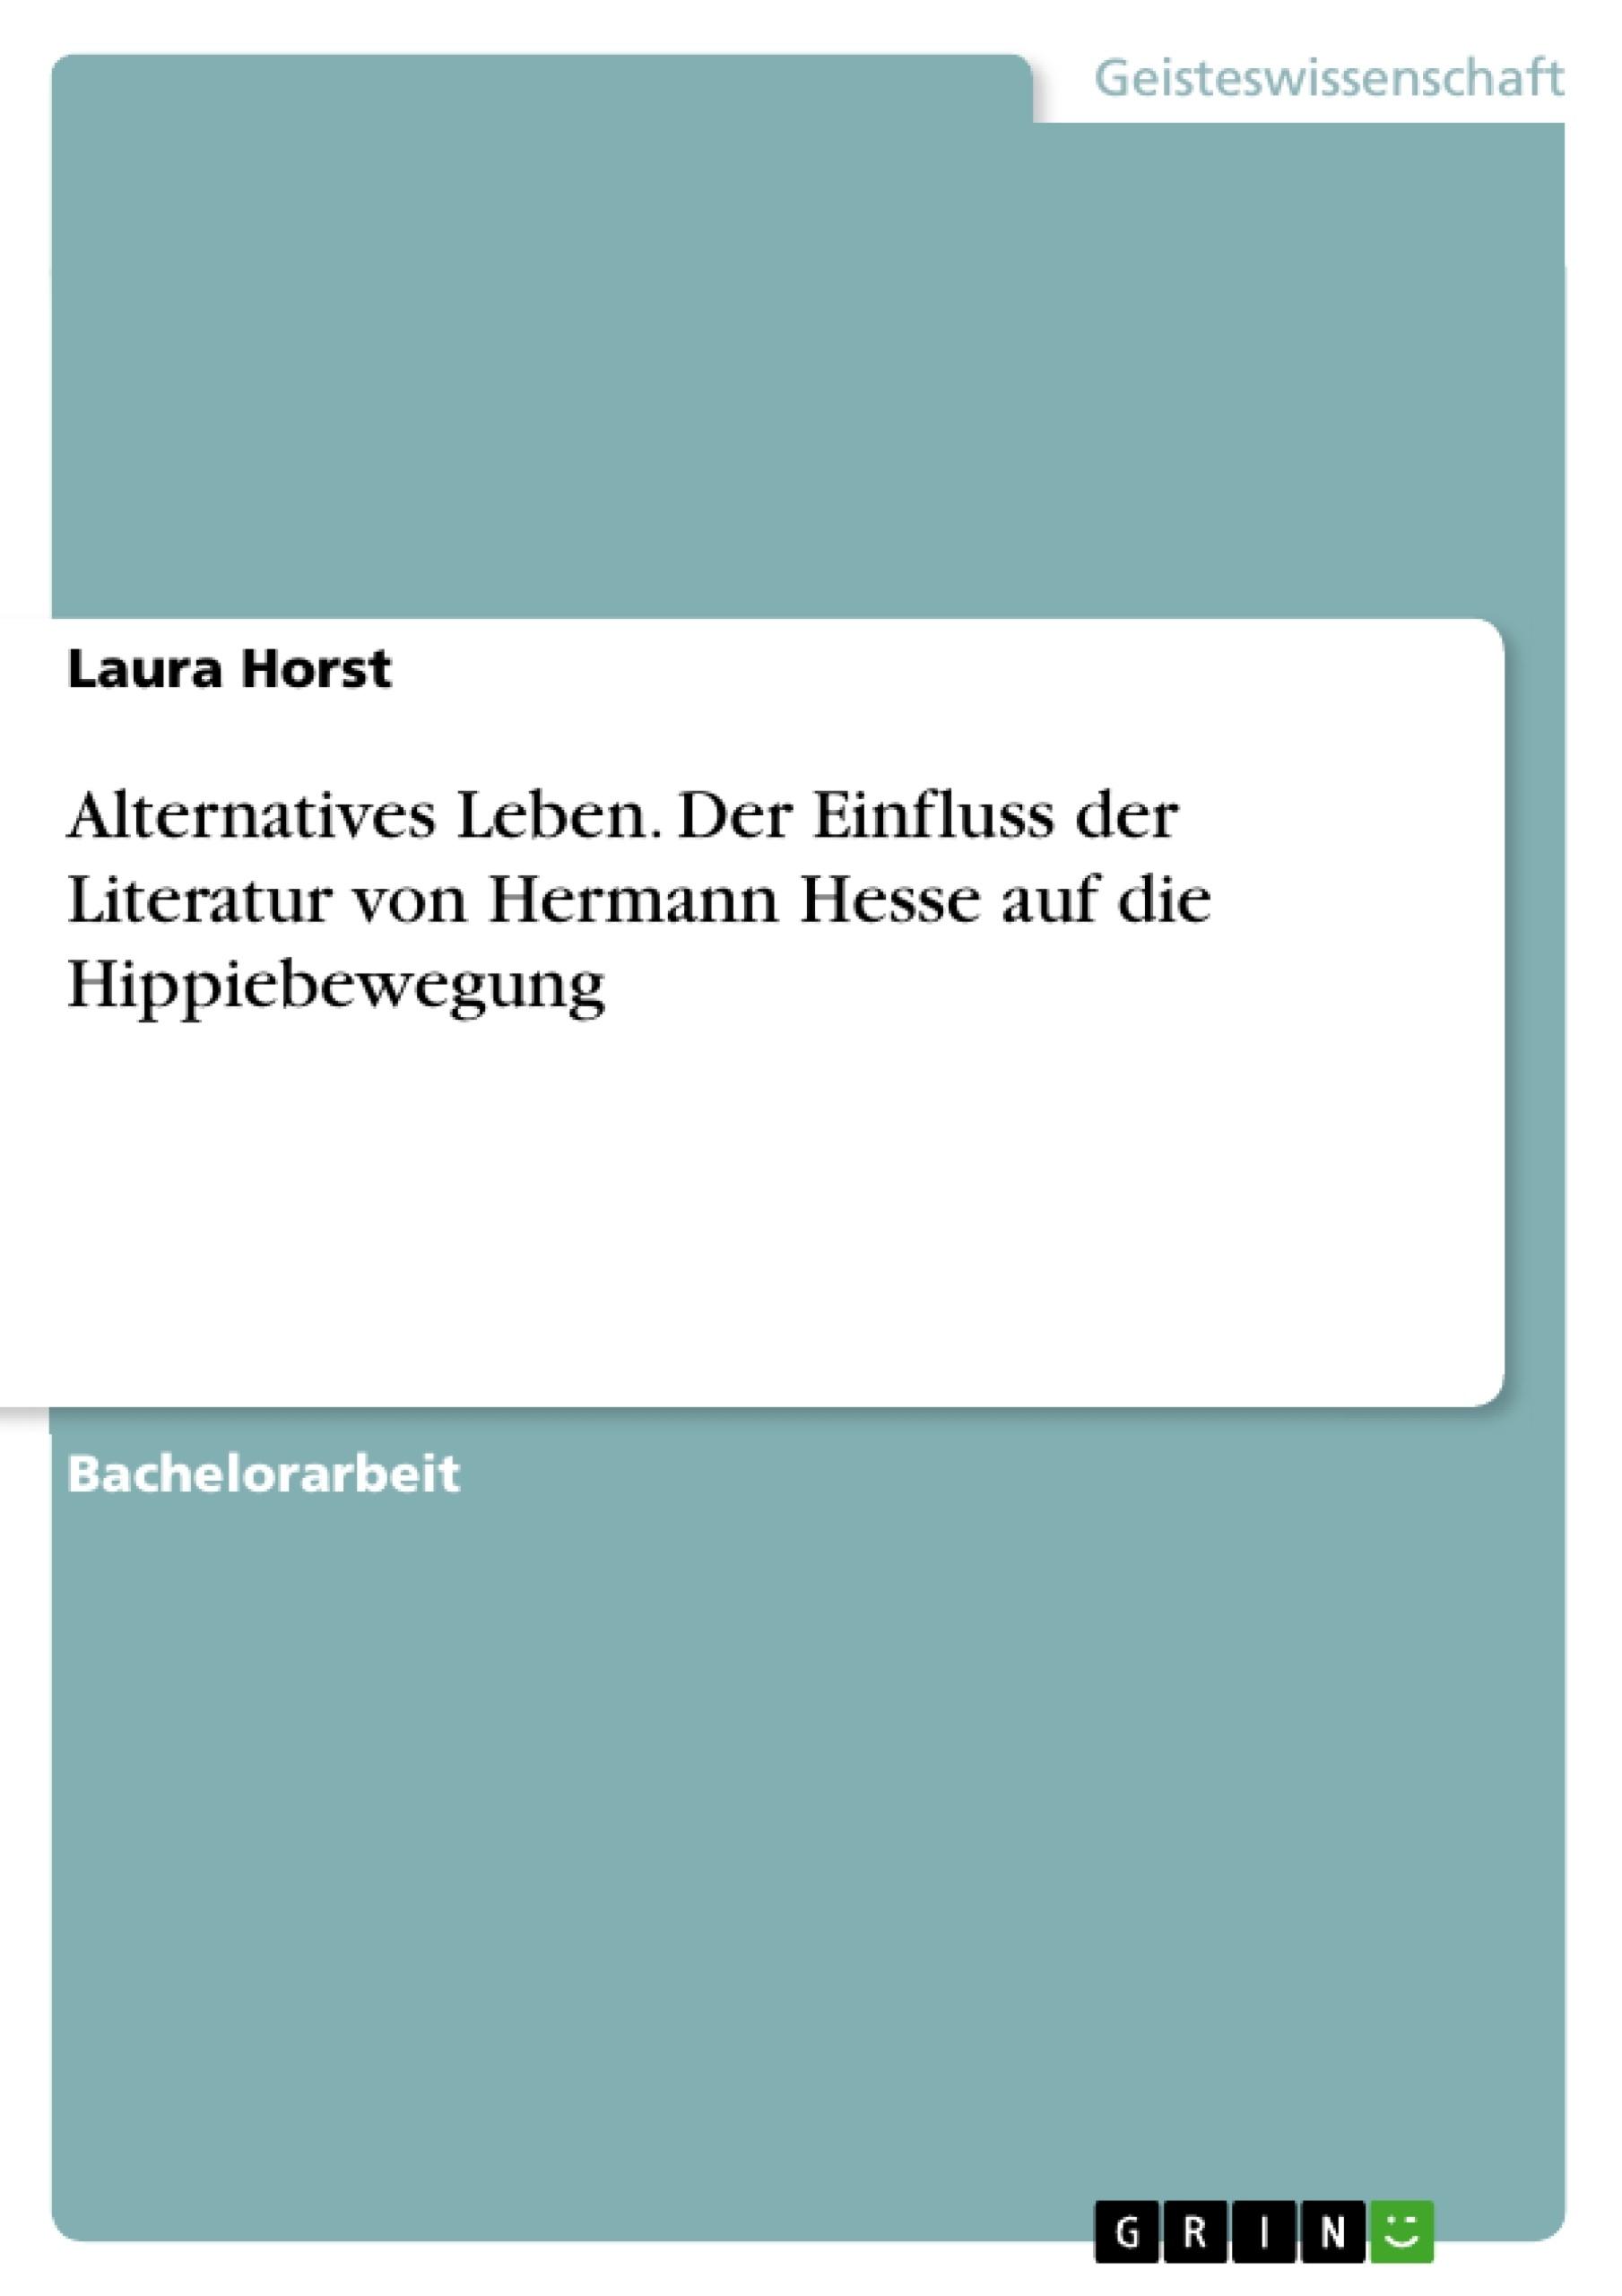 Titel: Alternatives Leben. Der Einfluss der Literatur von Hermann Hesse auf die Hippiebewegung